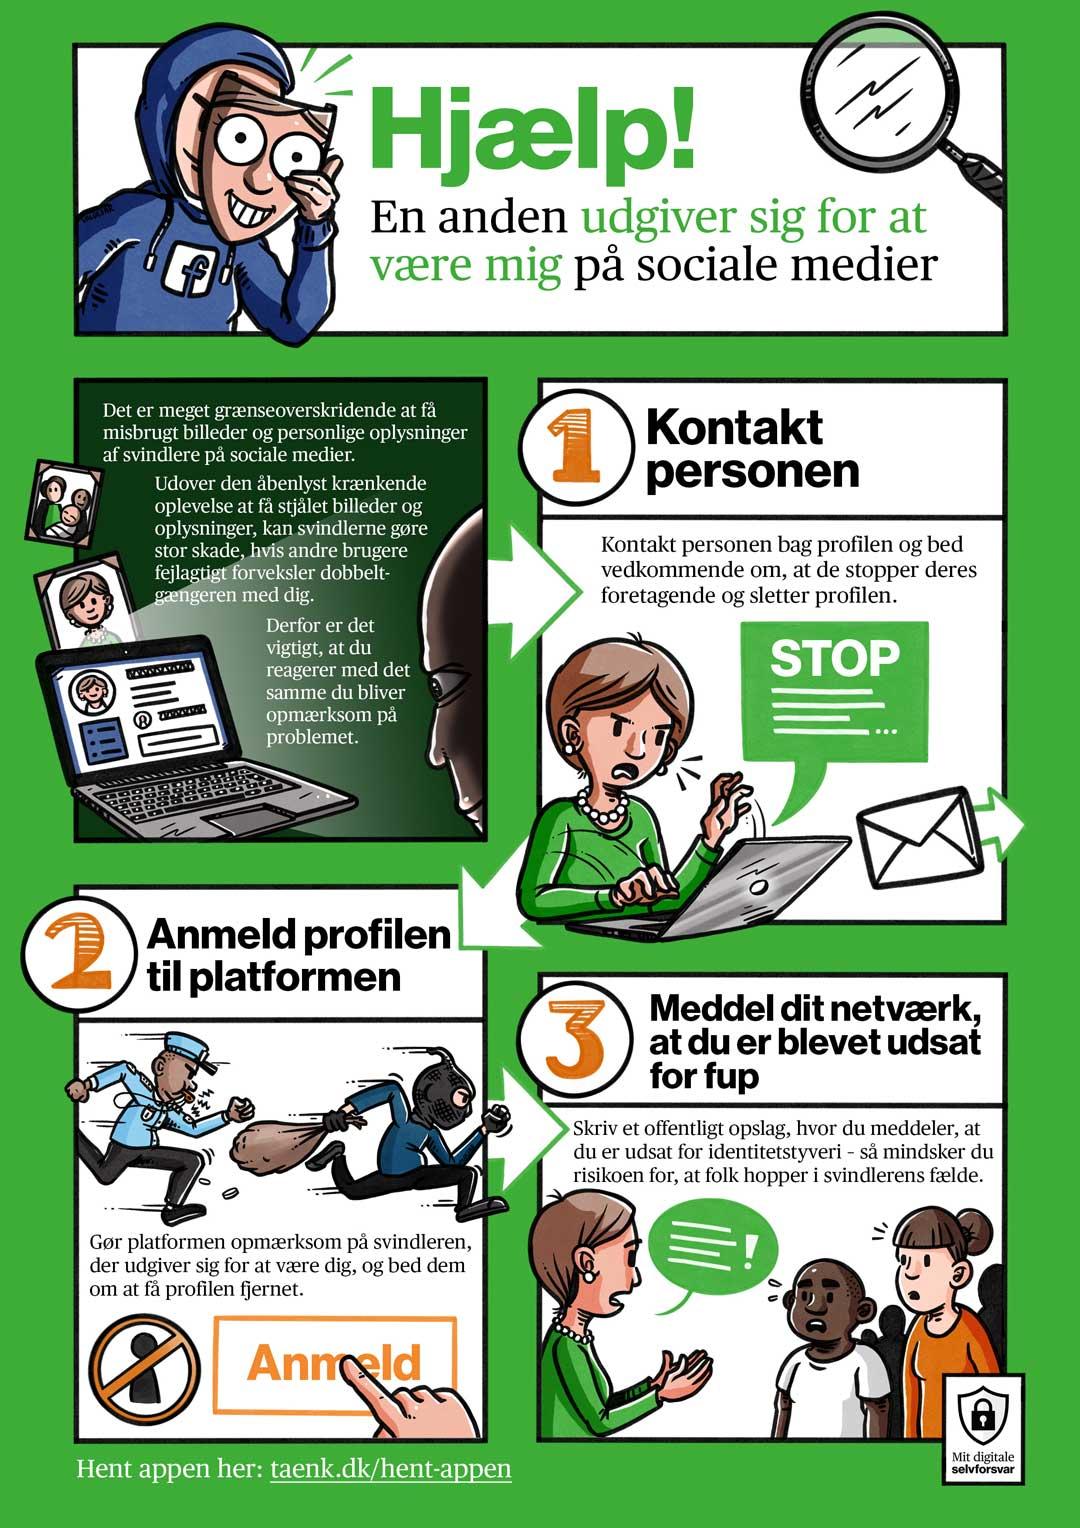 Stribe for Forbrugerrådet TÆNK: Hjælp! En anden udgiver sig for at være mig på sociale medier